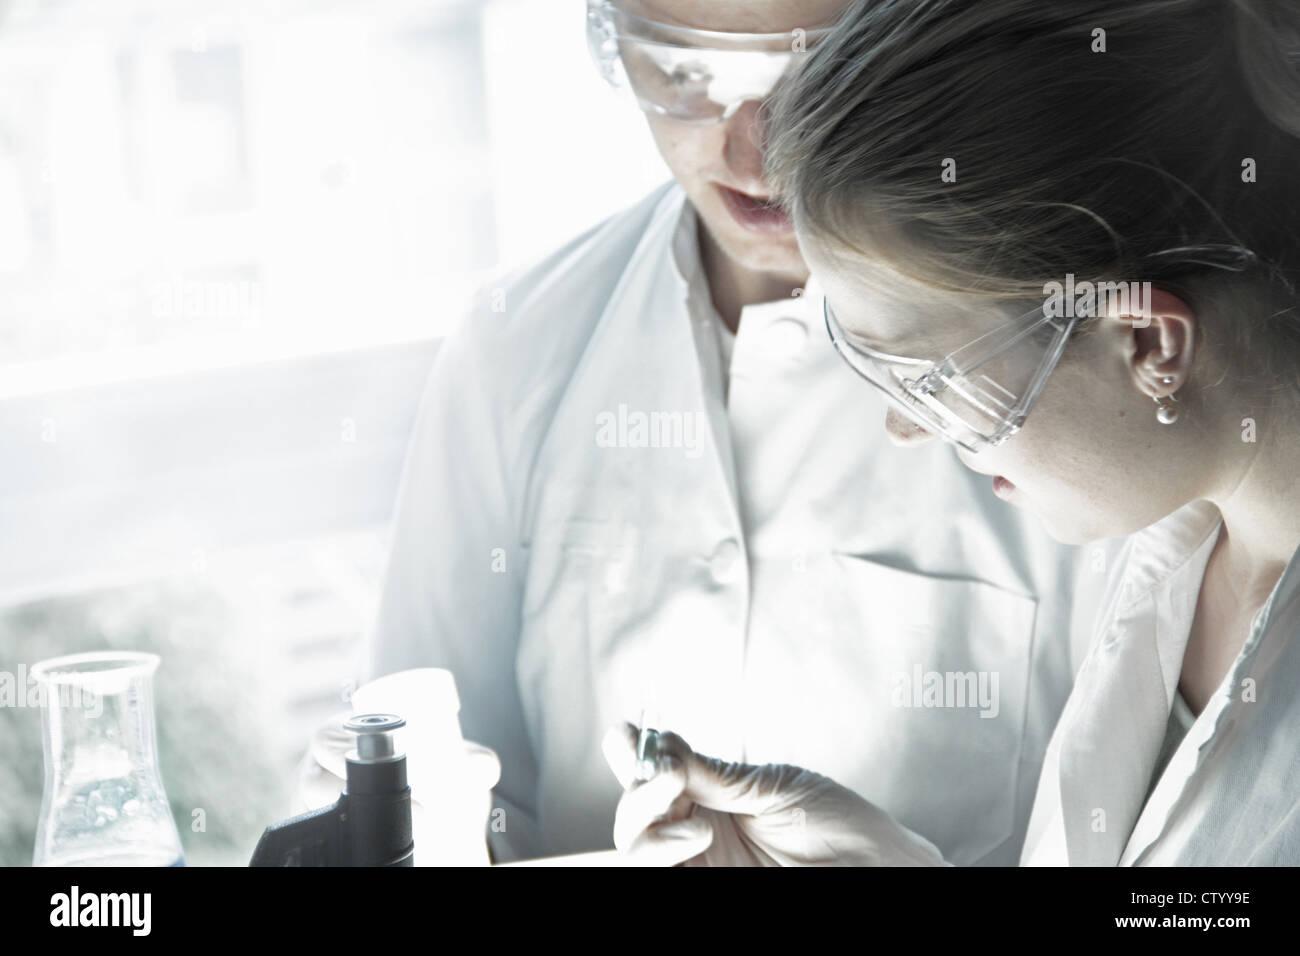 Gli scienziati esaminando provetta di test in laboratorio Immagini Stock